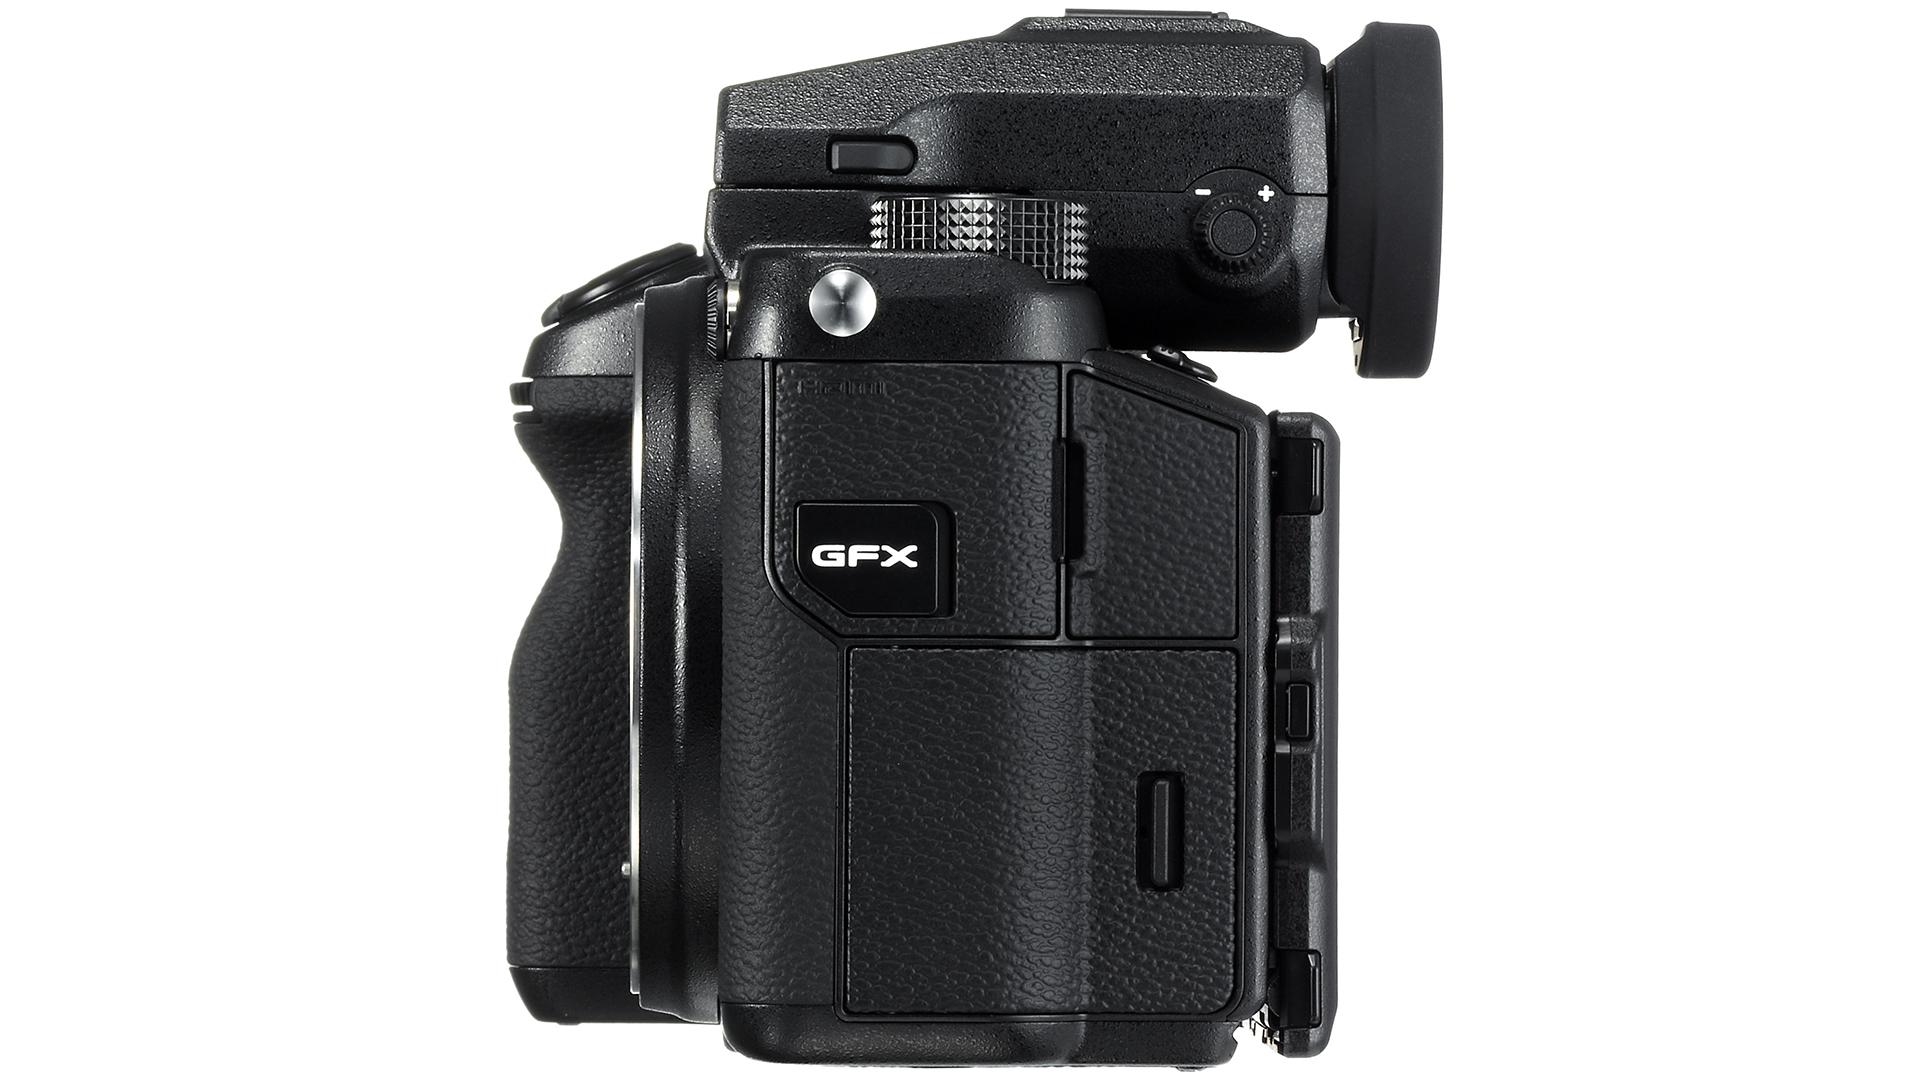 fujifilm-gfx-50s-007